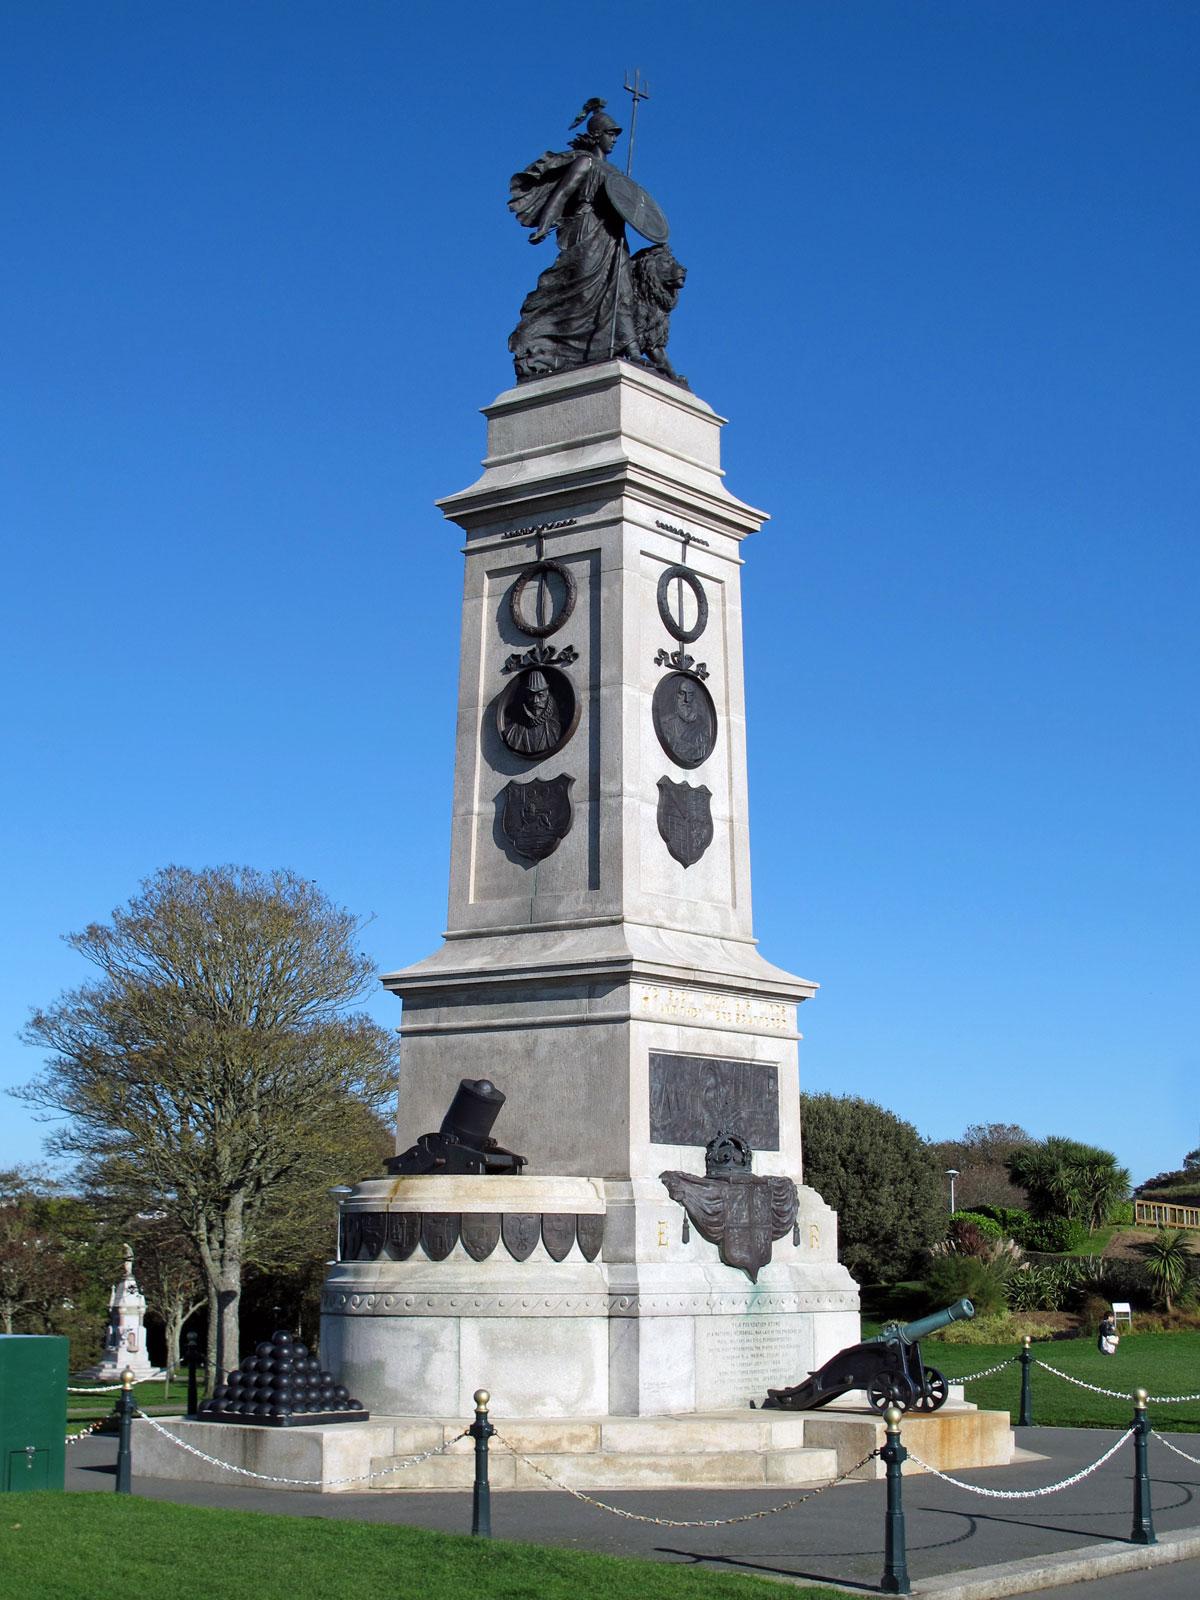 The National Armada Memorial